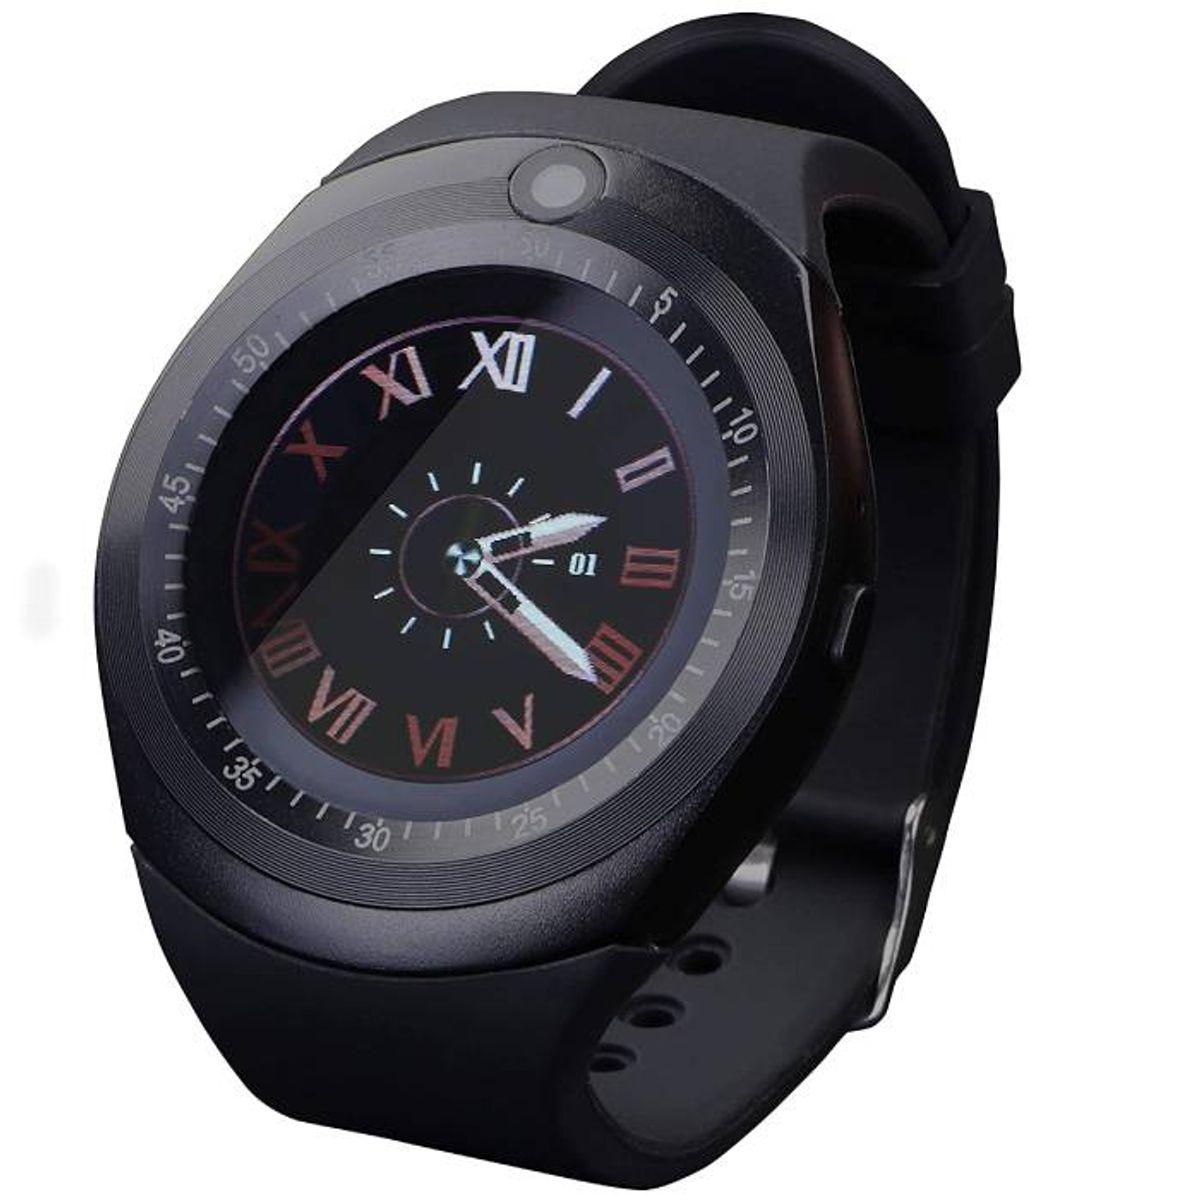 झेब्रॉनिक्स Smart Watch (Smart time 200)